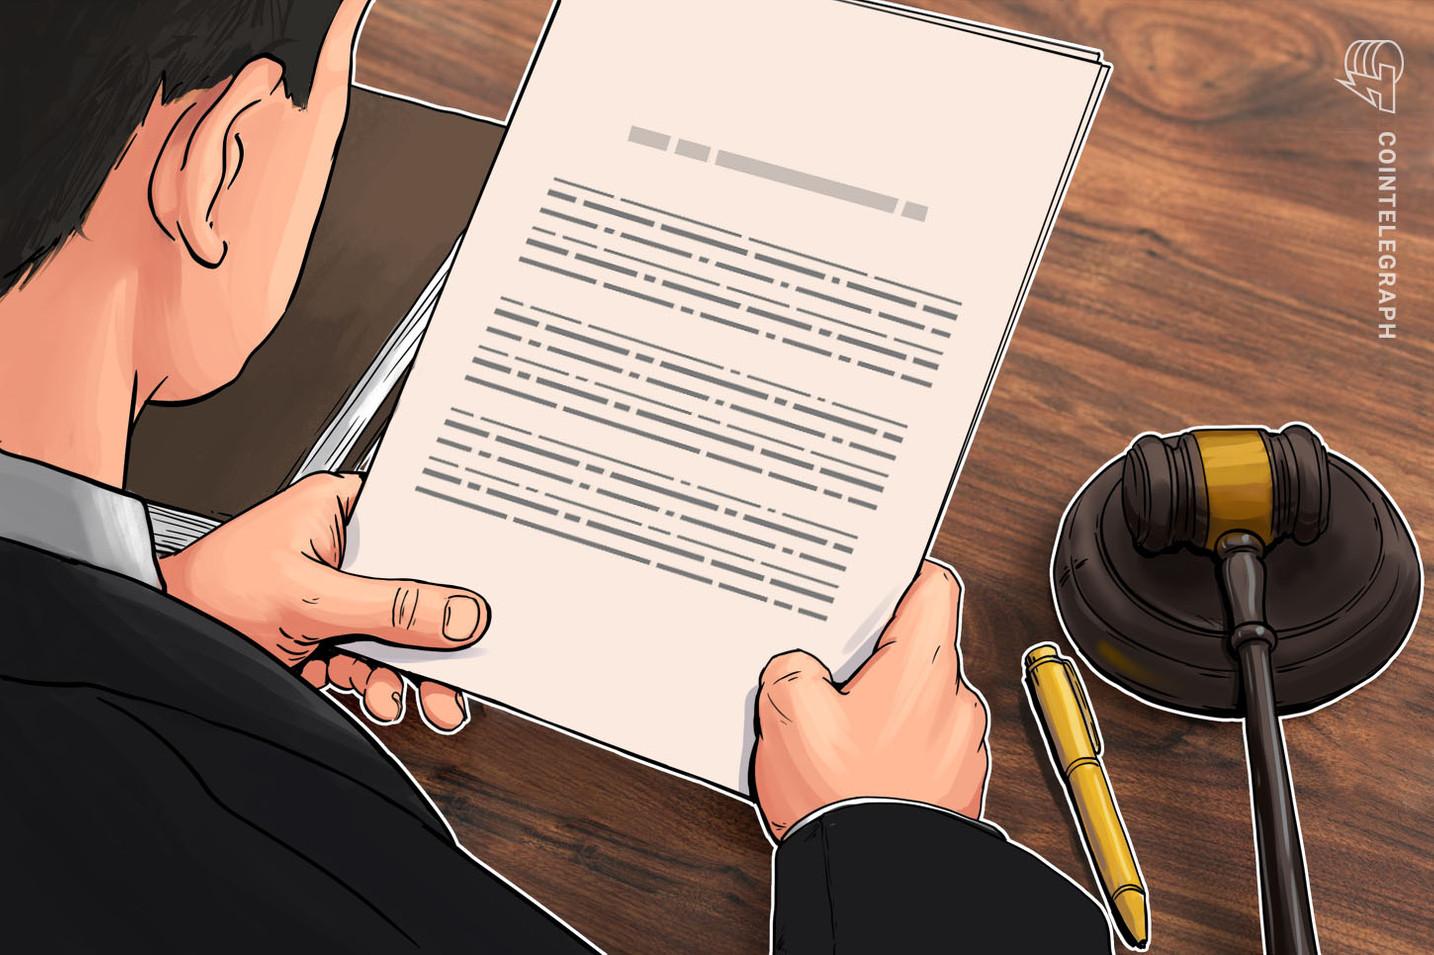 Brasilien: Richter friert Konten von umstrittener Krypto-Firma ein